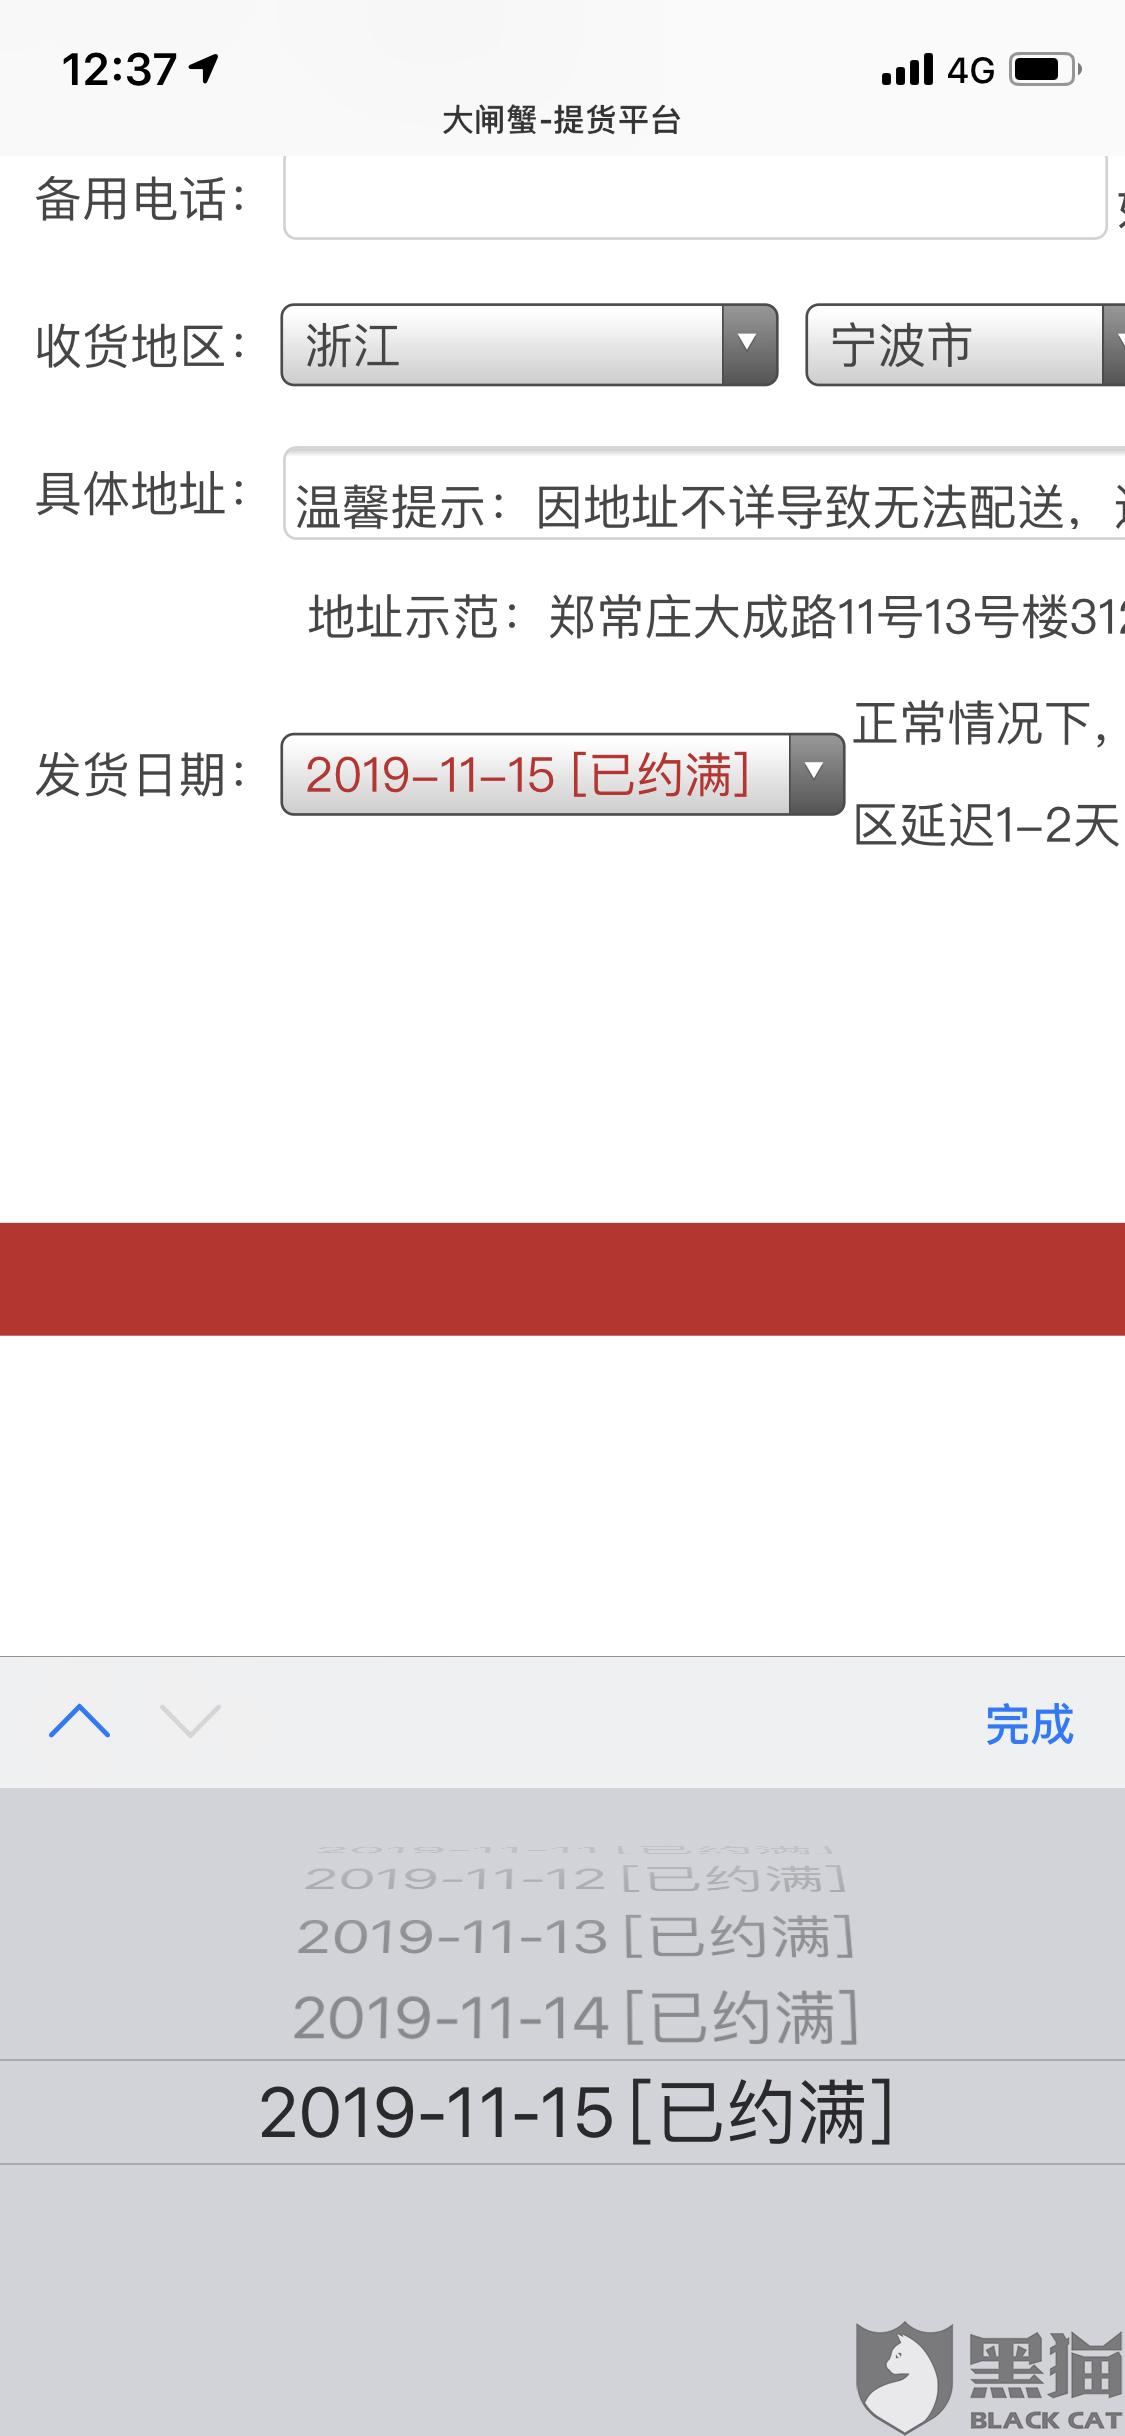 黑猫投诉:淘宝天猫名为阳澄诱惑旗舰店购买一张大闸蟹提货卡,到期客服联系不上,不能预约发货